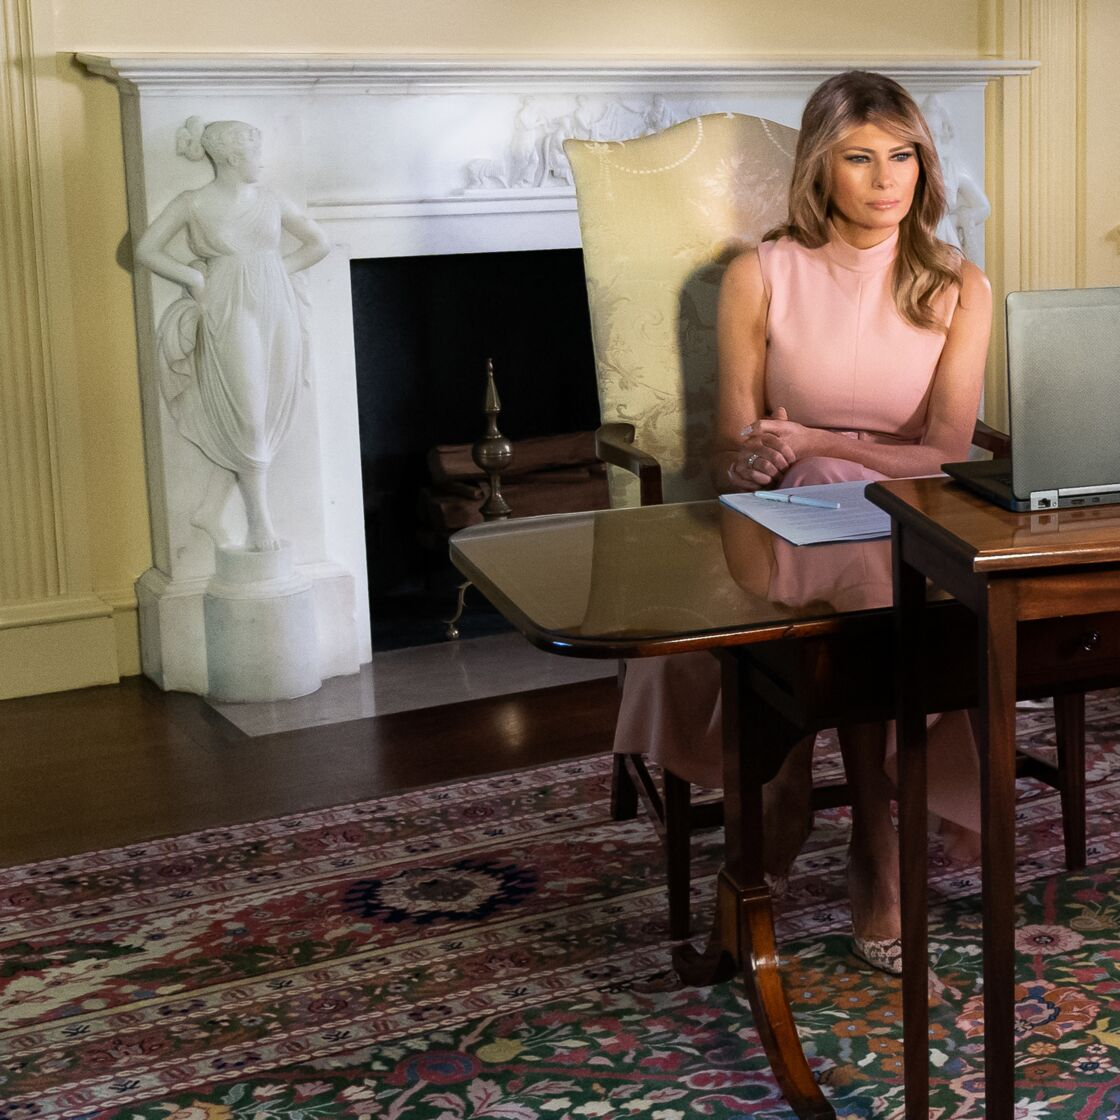 Melania Trump sait qu'elle n'a pas droit de rater ce discours qu'elle prononcera dans le cadre de la Convention nationale républicaine, fin août.